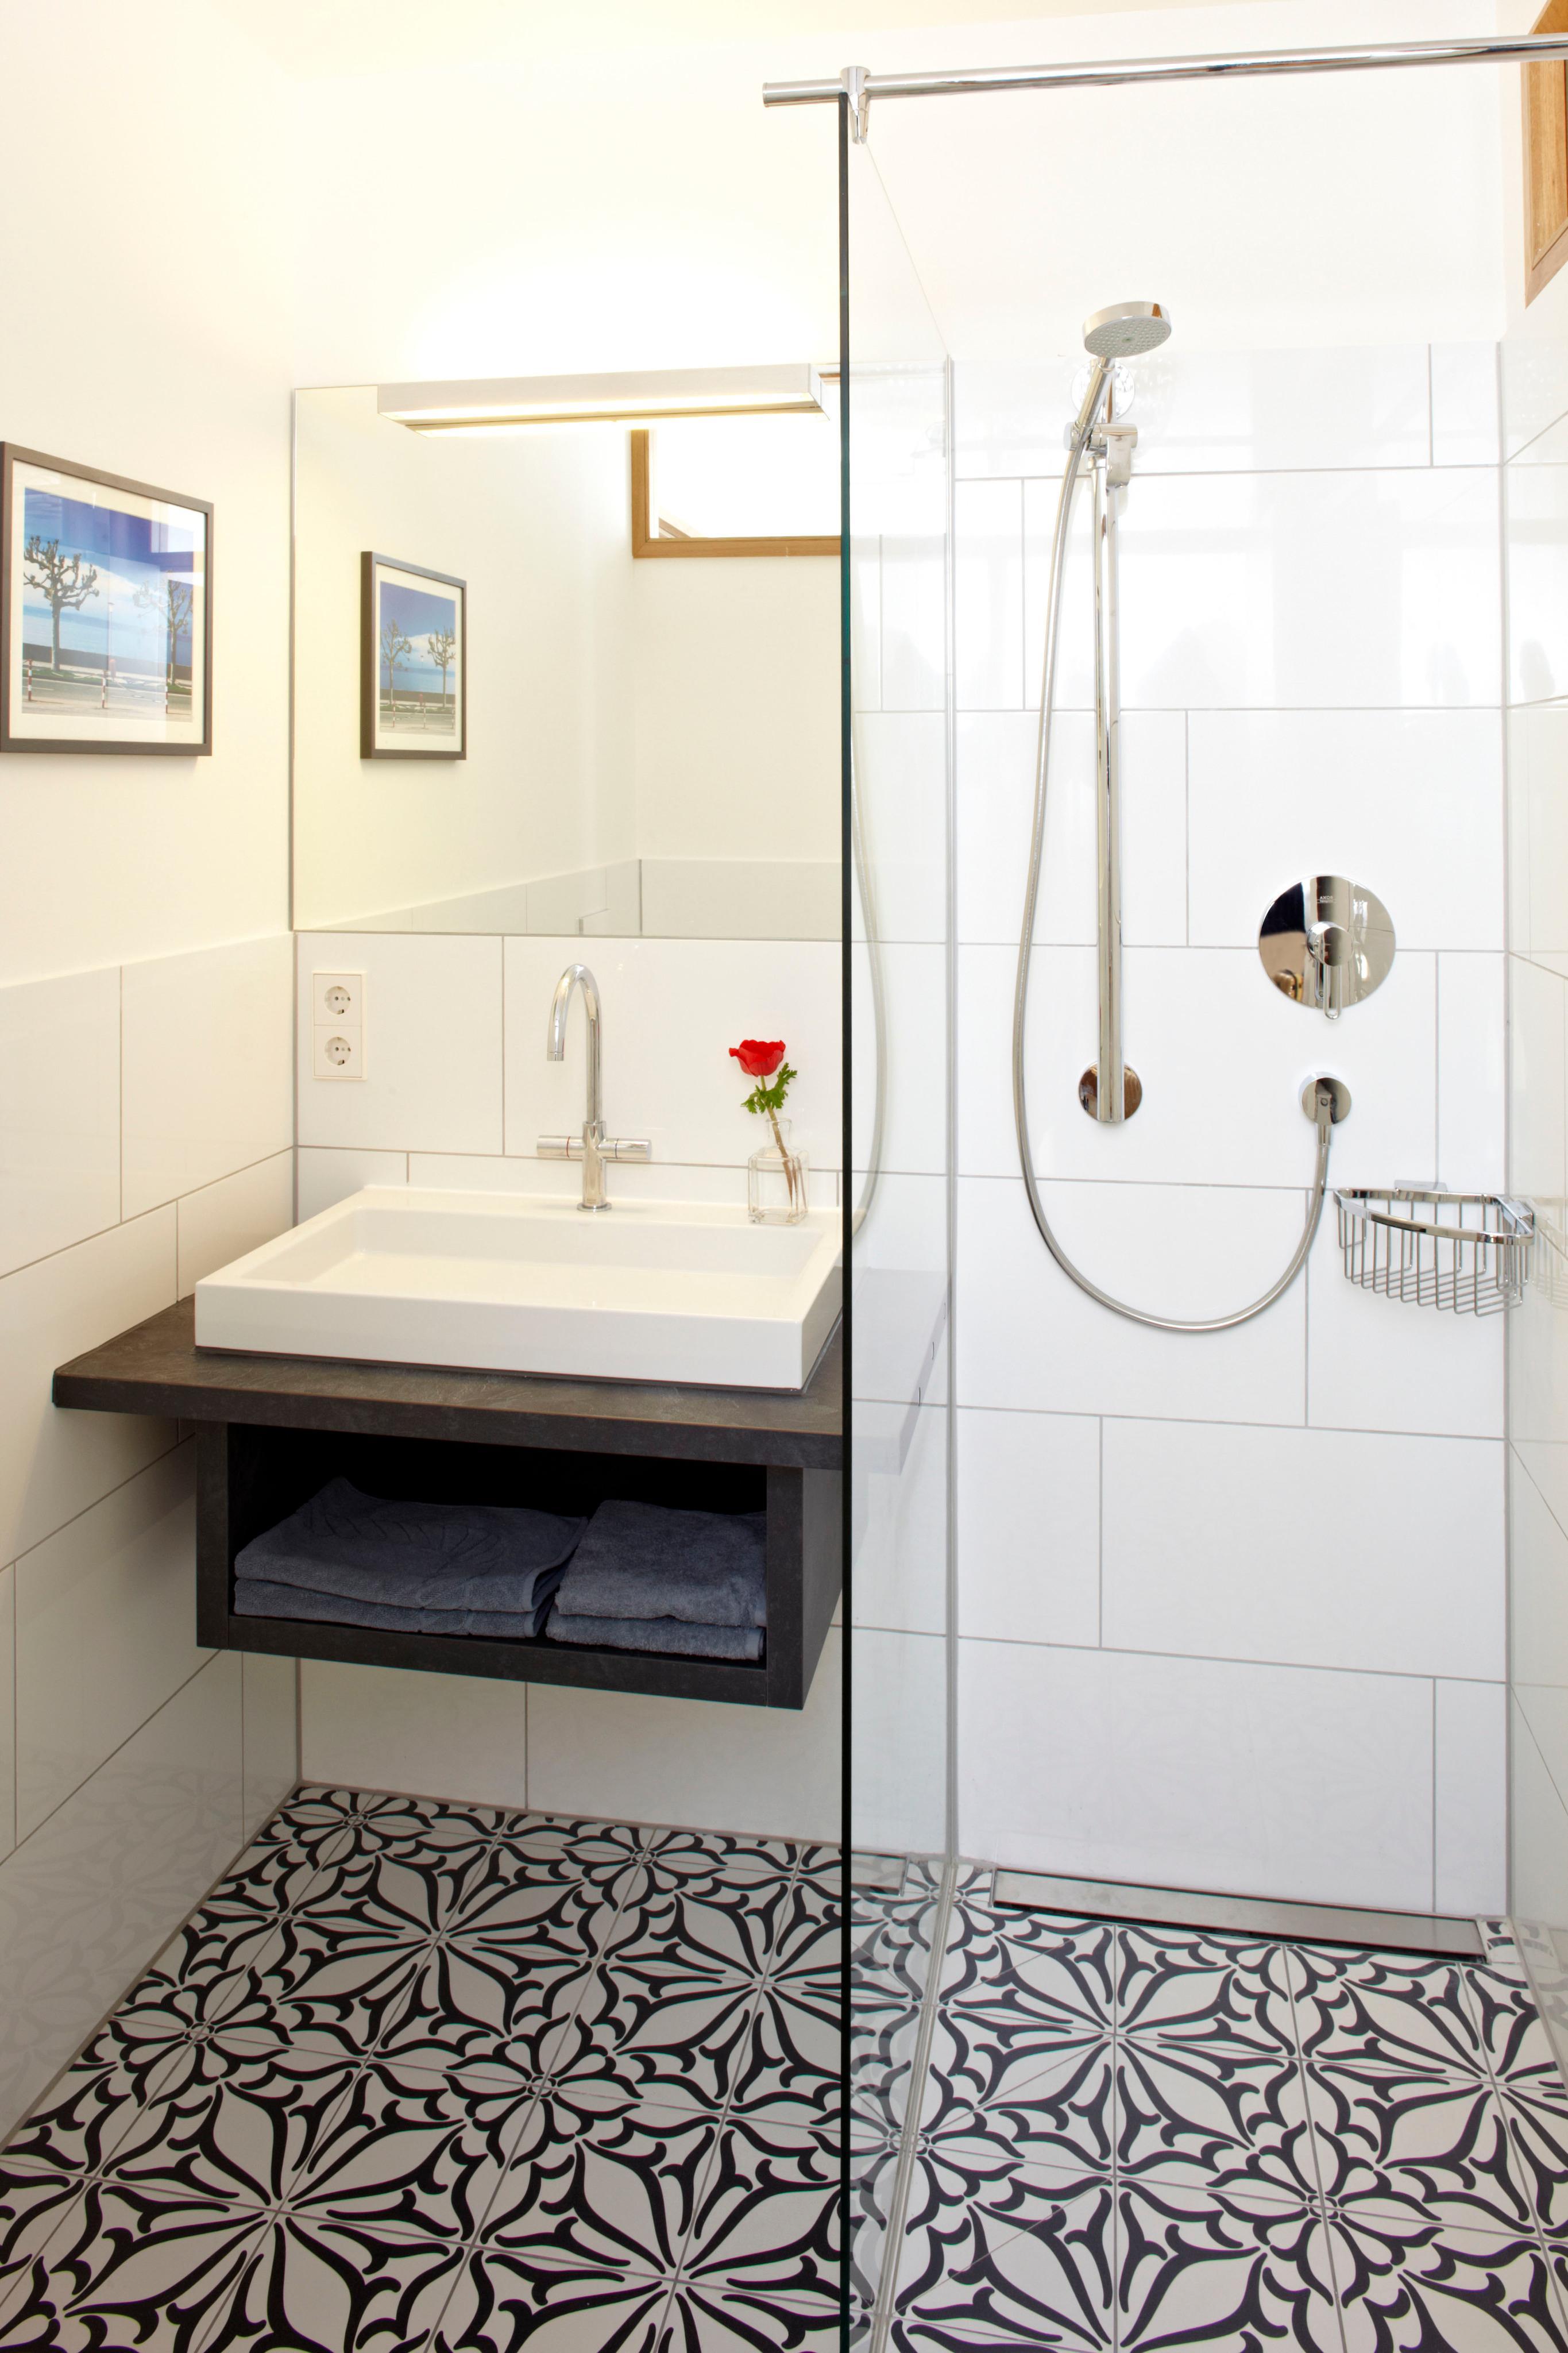 Helles innenliegendes Bad dusche oberlicht bodenf...